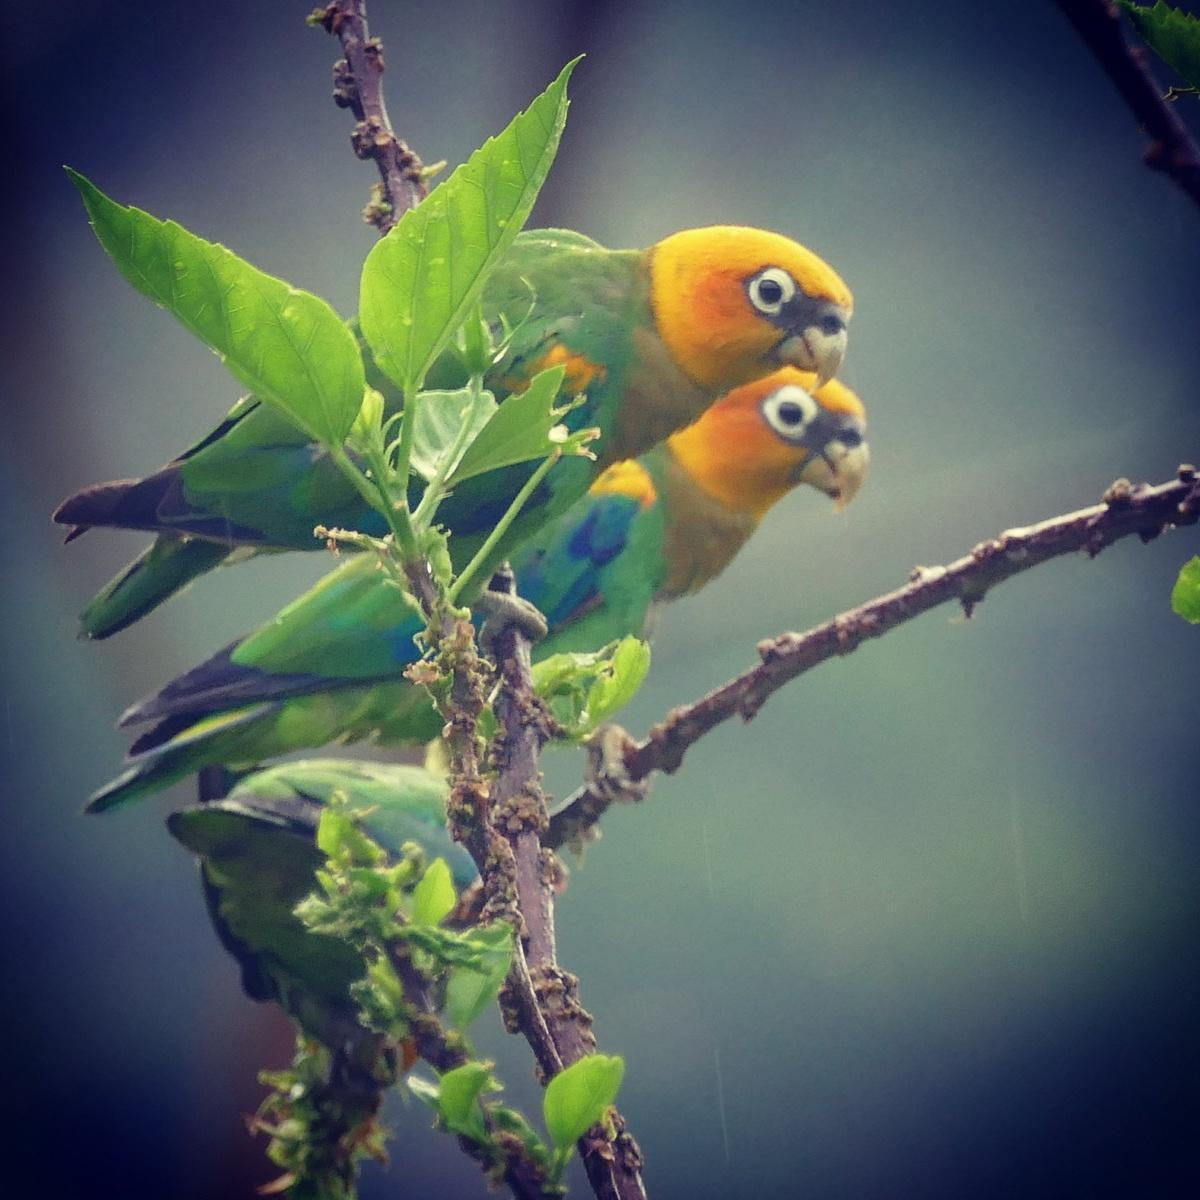 Noah's view of Saffron-headed Parrots at Pauxi Pauxi Reserve, Colombia. Noah Strycker